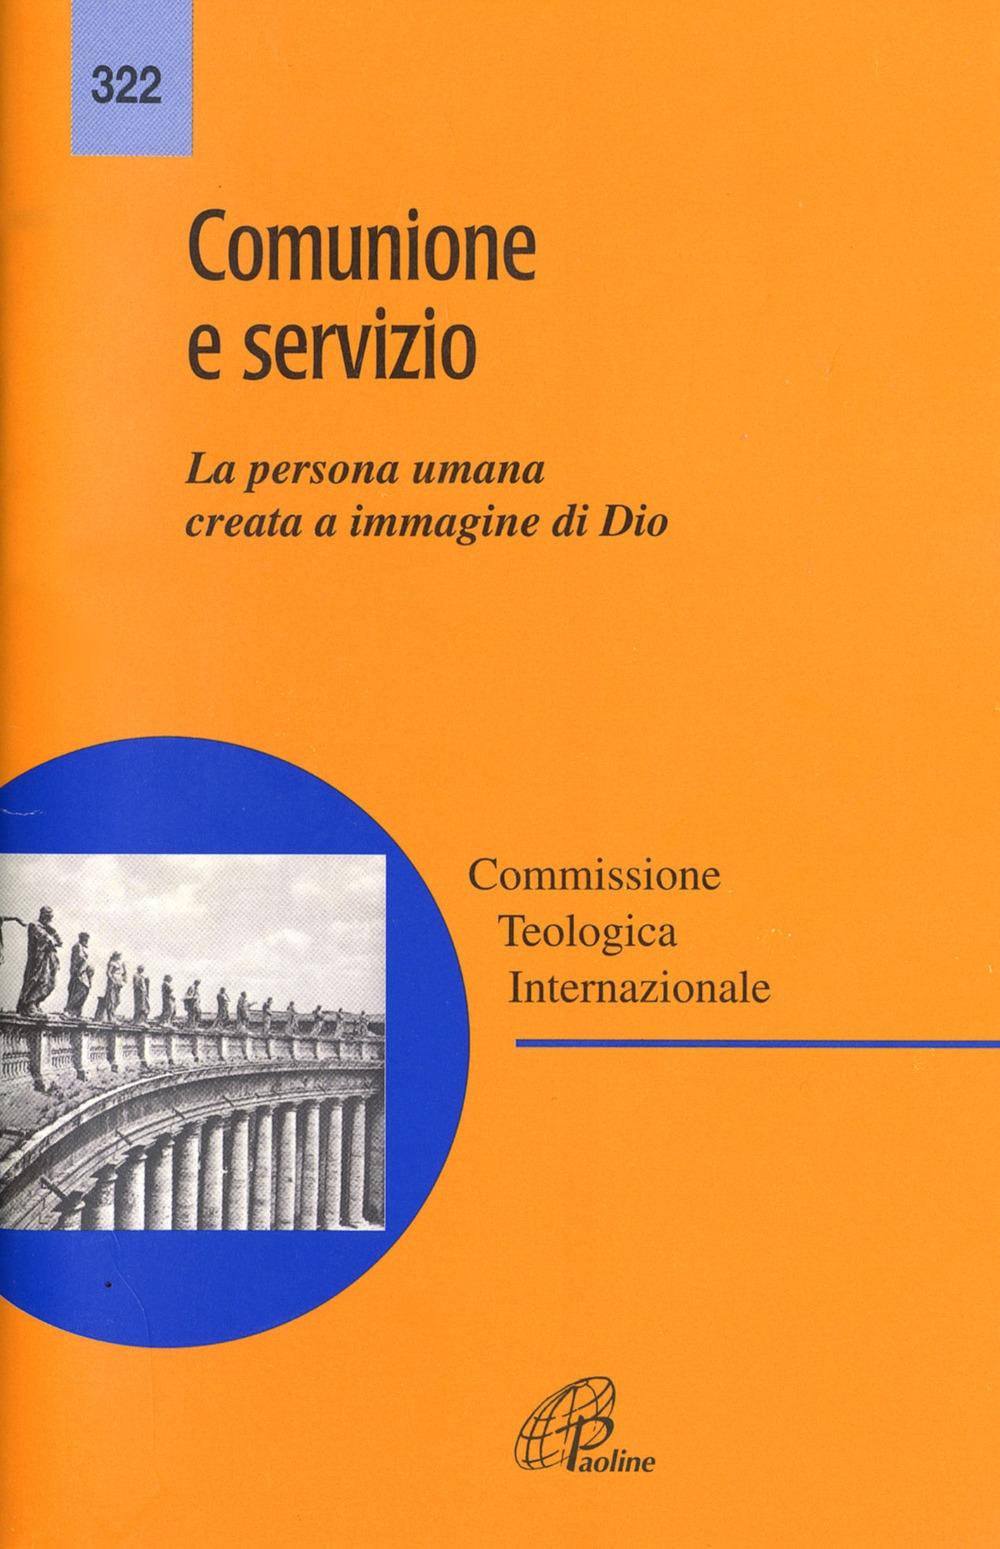 Comunione e servizio. La persona umana creata a immagine di Dio